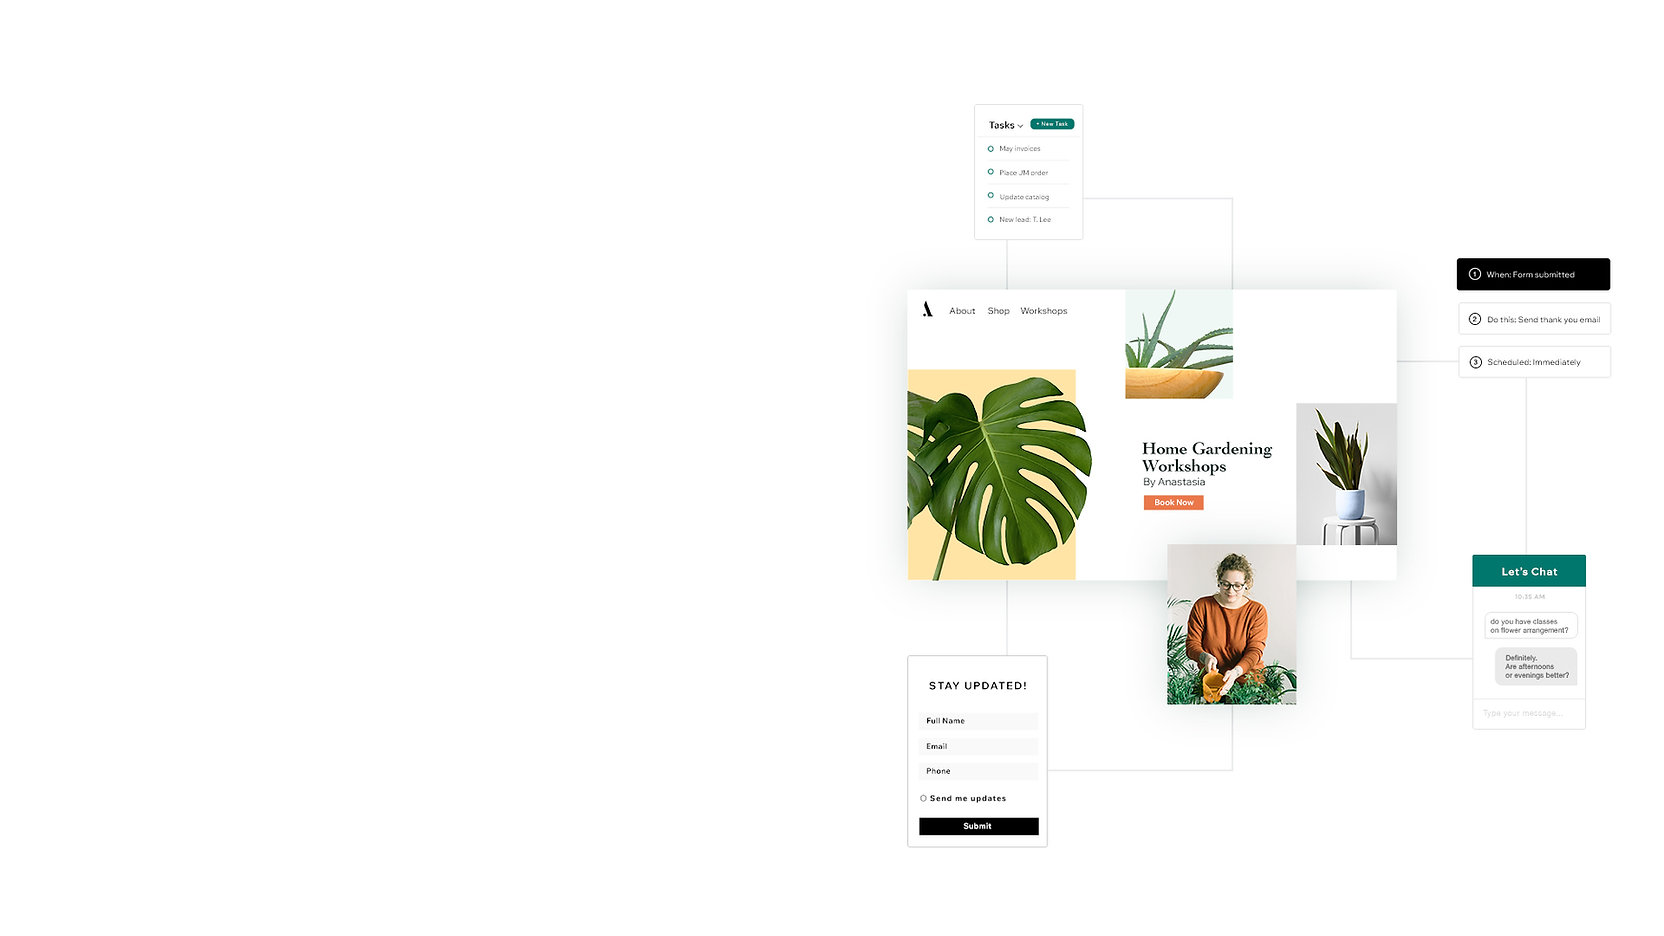 İşletmelerini tanıtmak ve yönetmek için Ascend iş araçlarını kullanan bitki ve ekim atölye çalışmaları satan web sitesi. Online pazarlama ve büyüme için otomasyonlar, sohbet, görevler ve formlar.